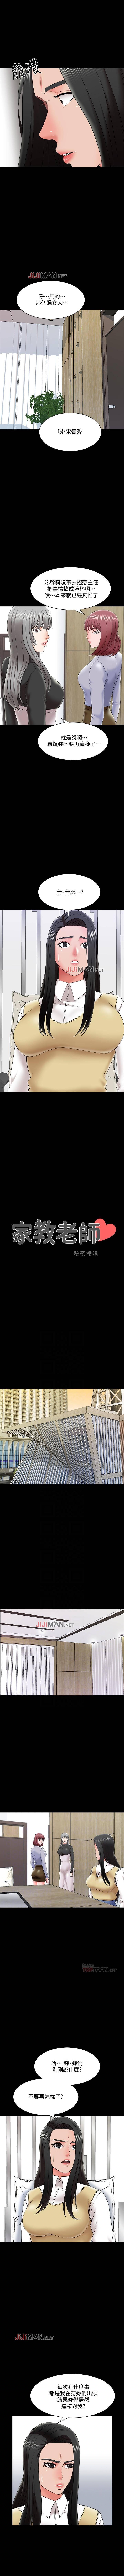 【周一连载】家教老师(作者: CreamMedia) 第1~44话 184